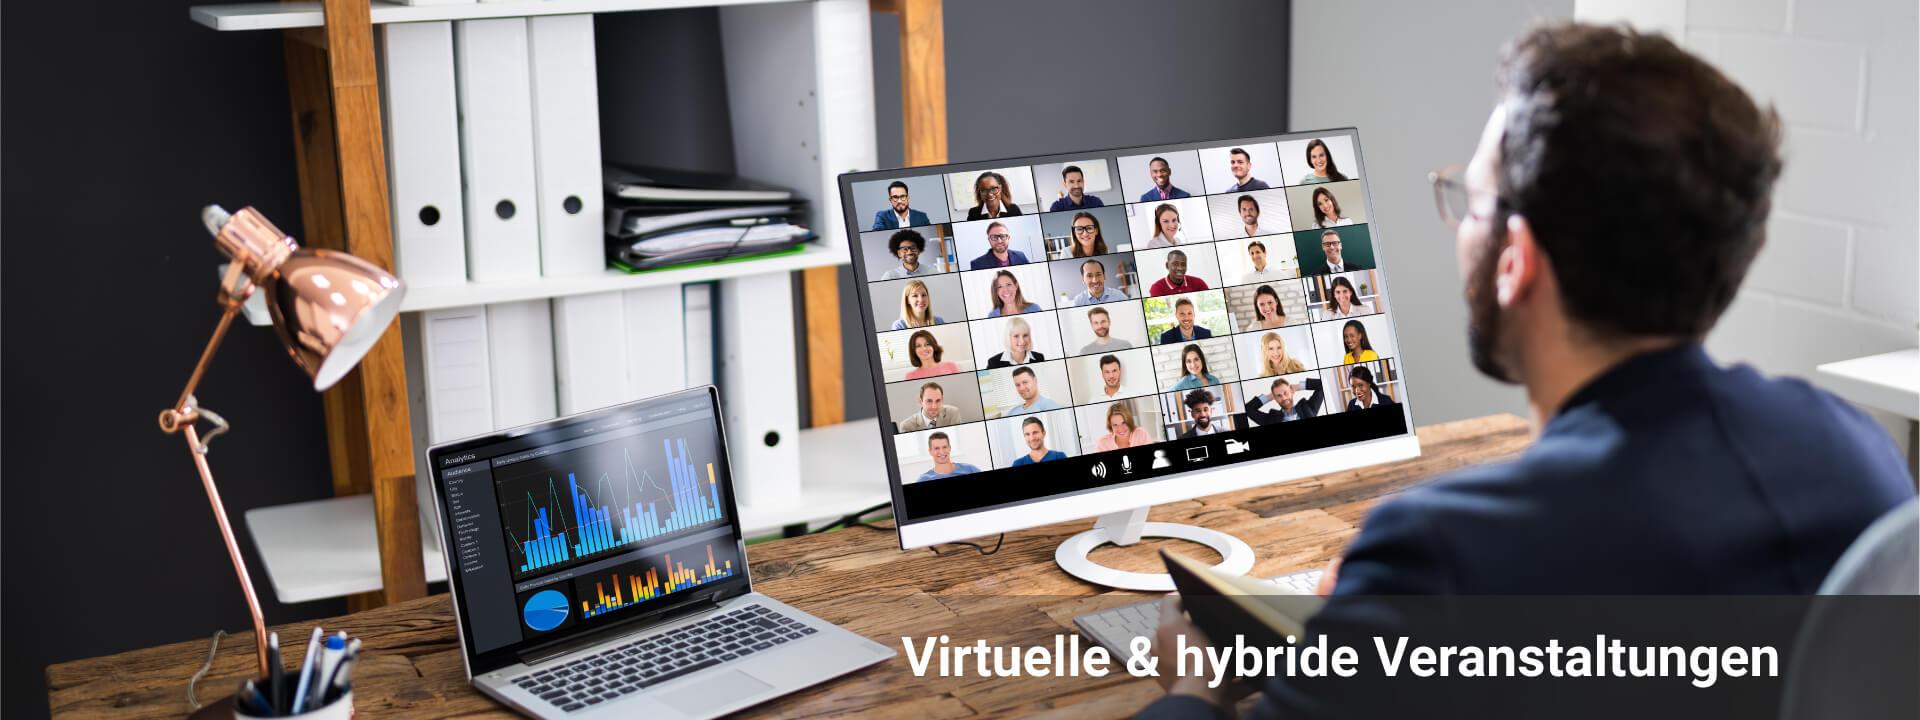 Kopfgrafik_Virtuelle-Veranstaltungen